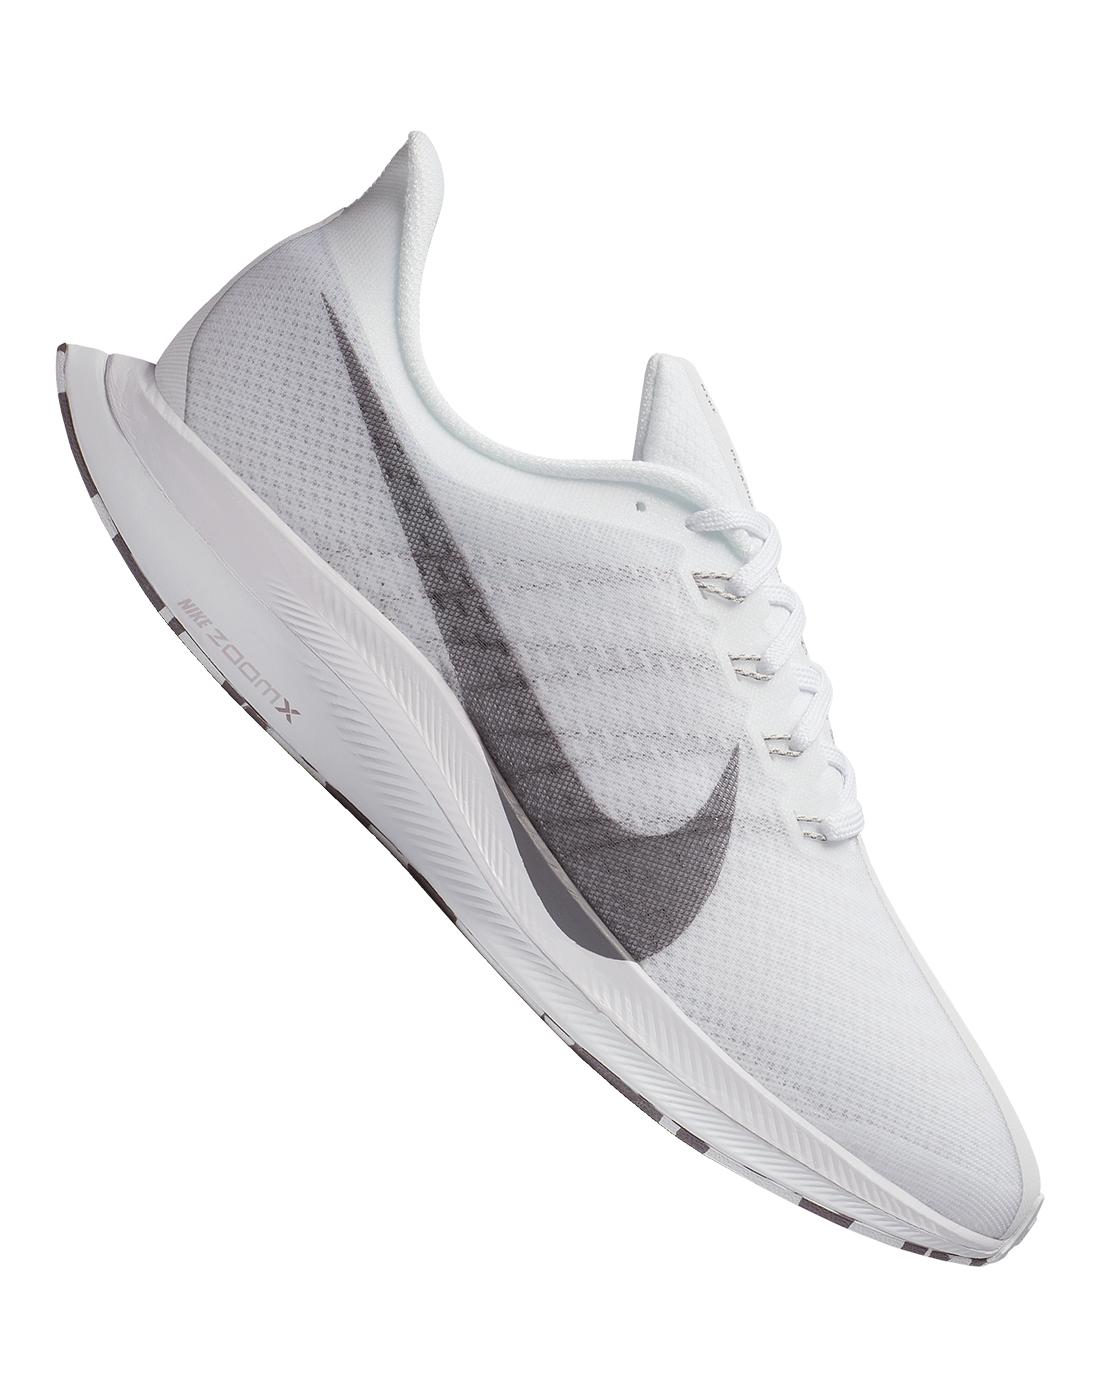 198ca187378d6 Men s White Nike Zoom Pegasus Turbo